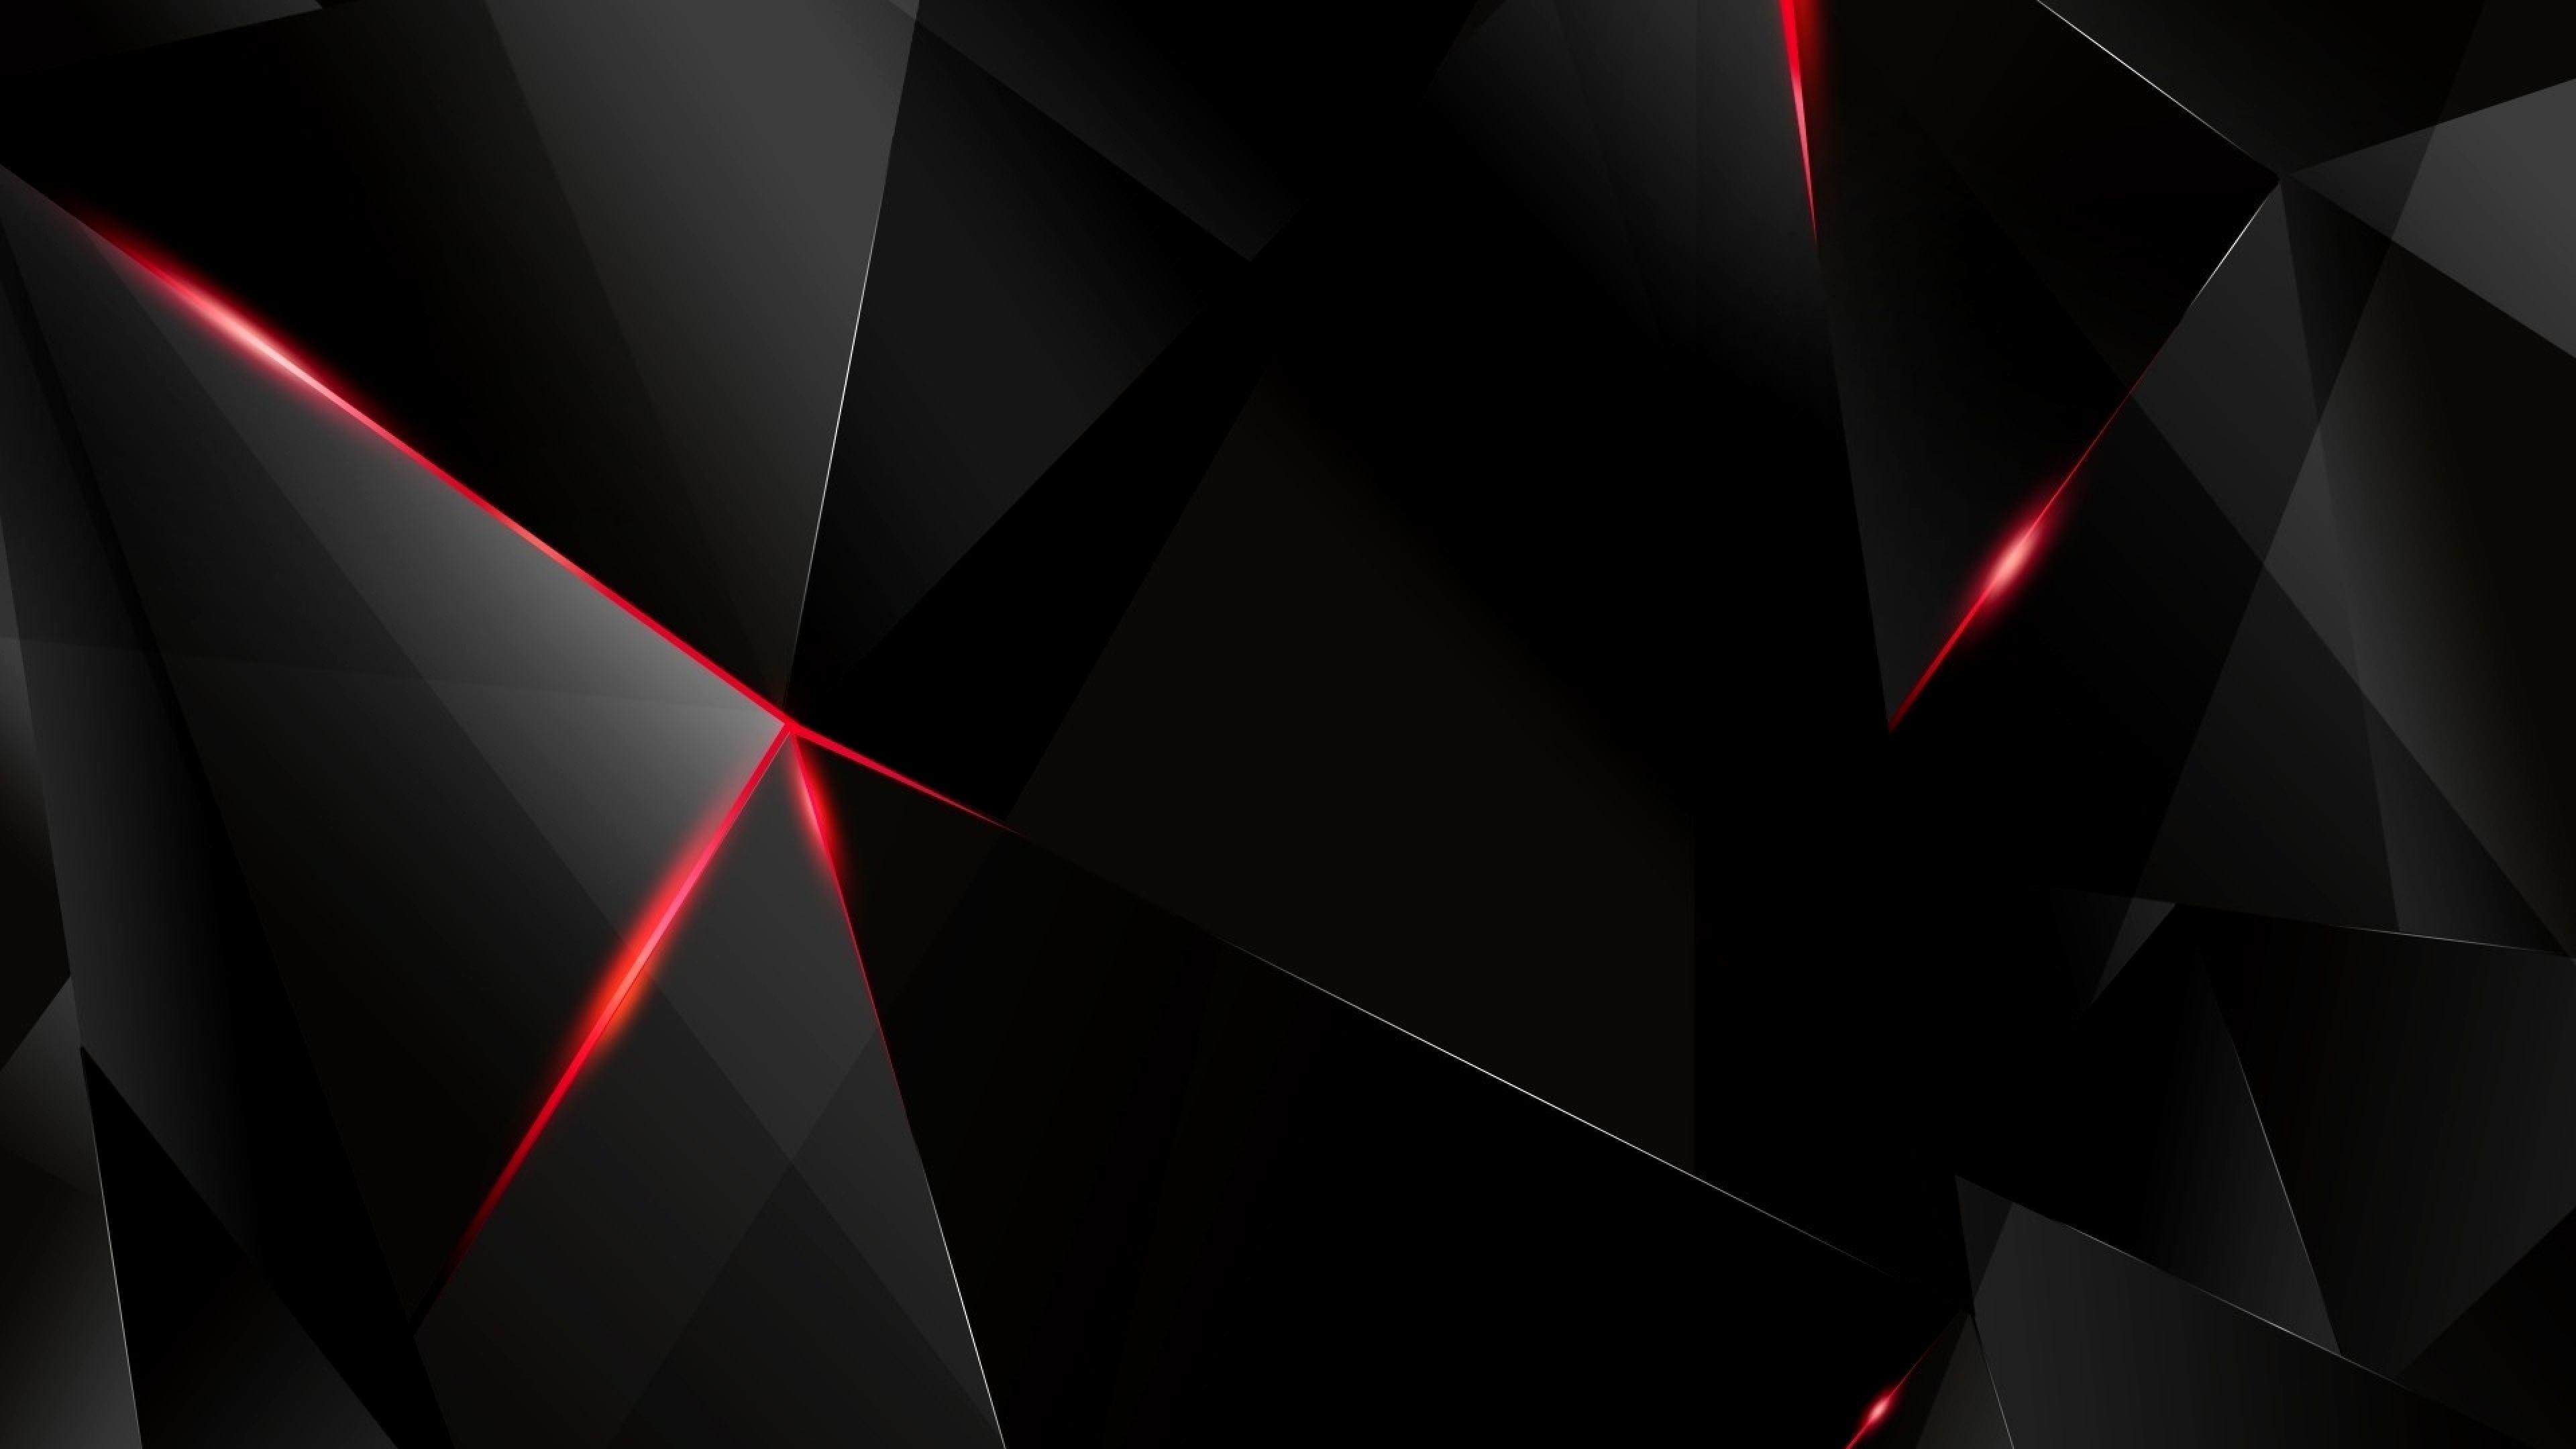 4k Dark Red Wallpaper Ideas Gaya Poster Windows 10 Fotografi Jalanan